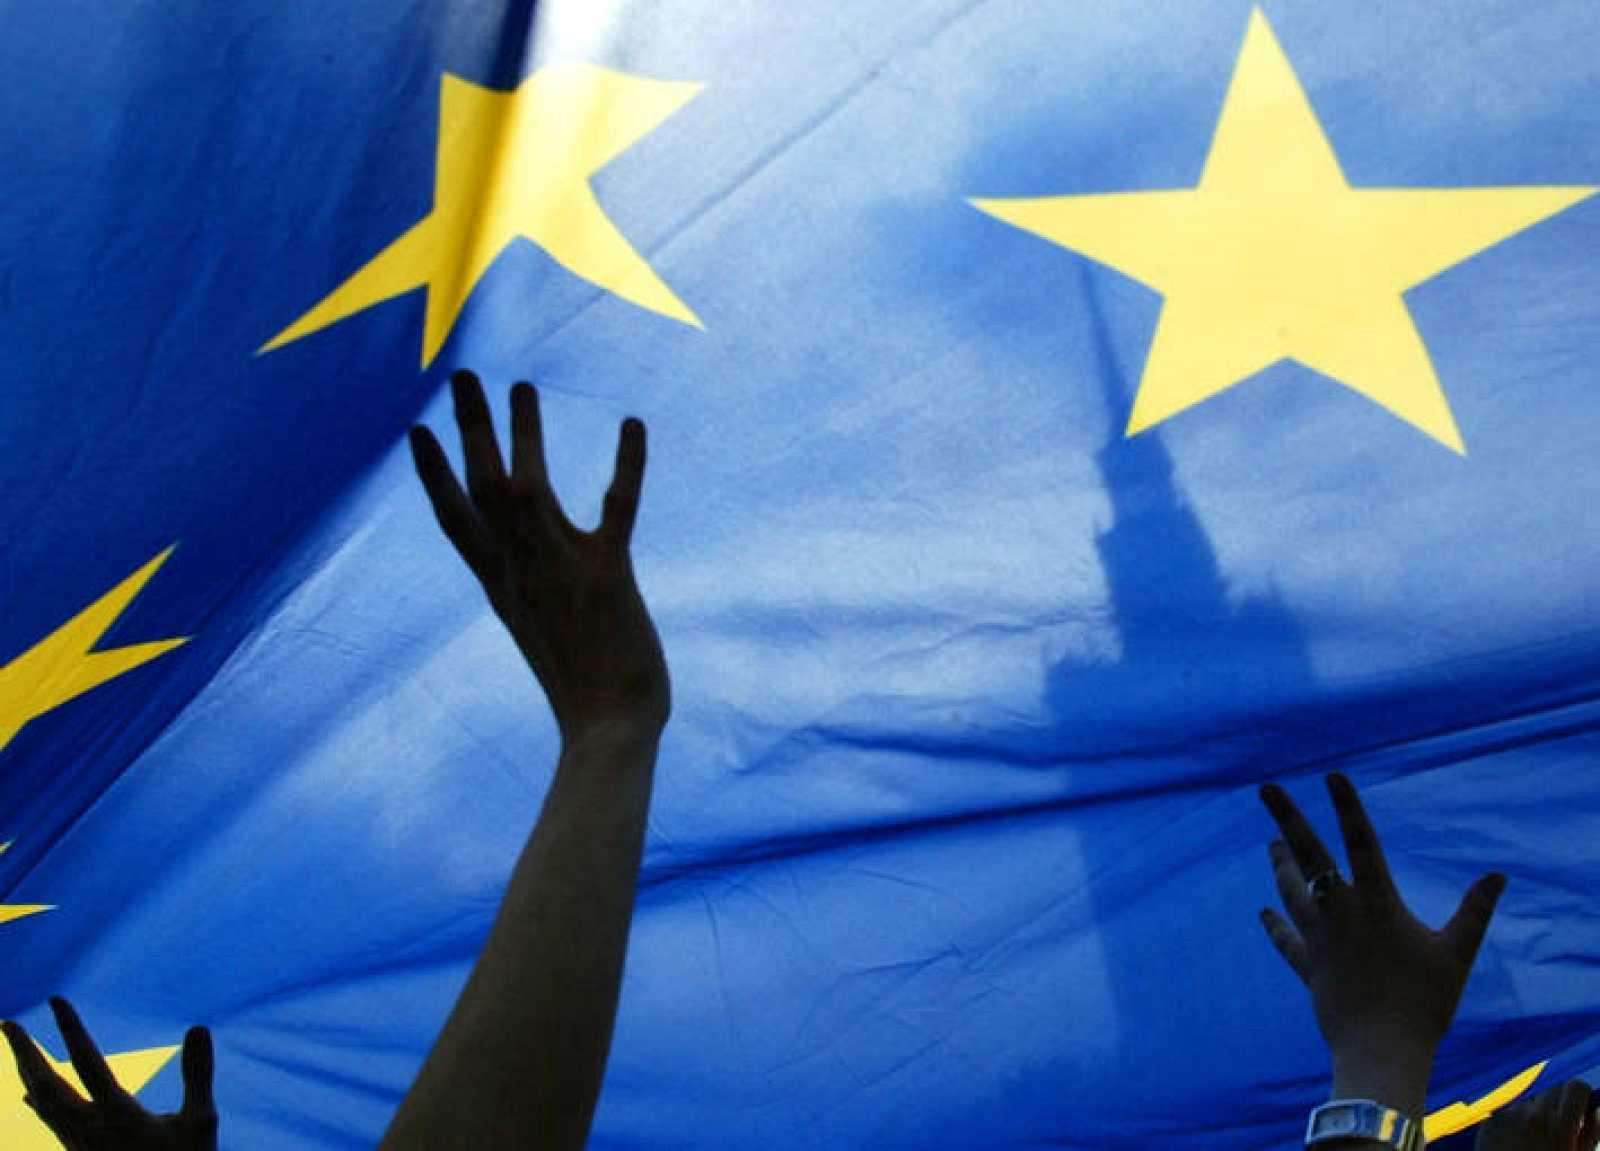 La bandera de la Unión Europea ondea frente al Palacio de Cultura de Warsaw en Polonia.